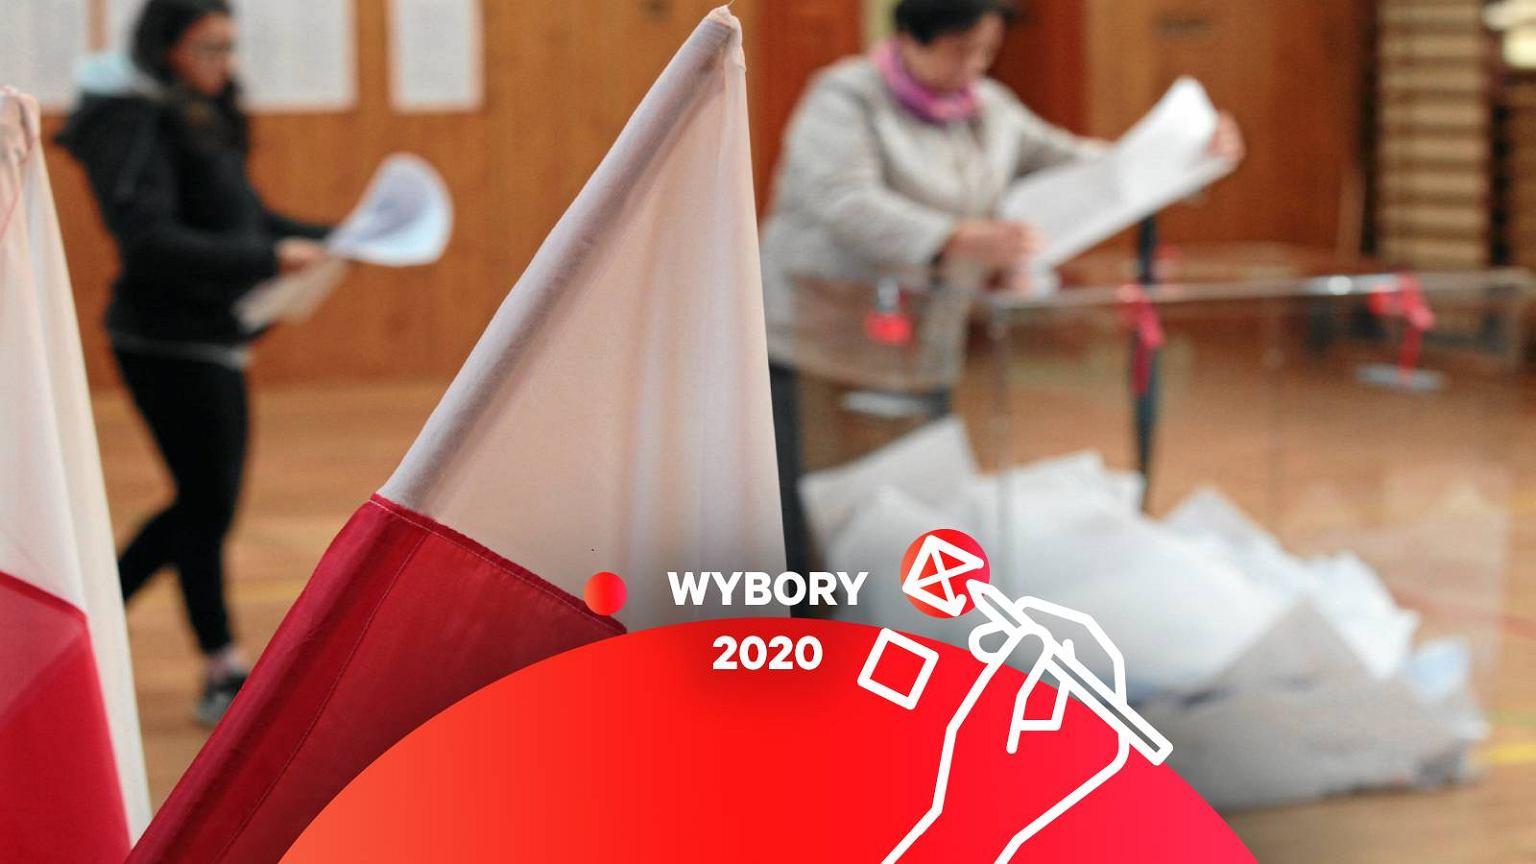 Wybory 2020. Głosowanie w II turze za granicą. Tylko jeden dzień na dopisanie się do spisu wyborców